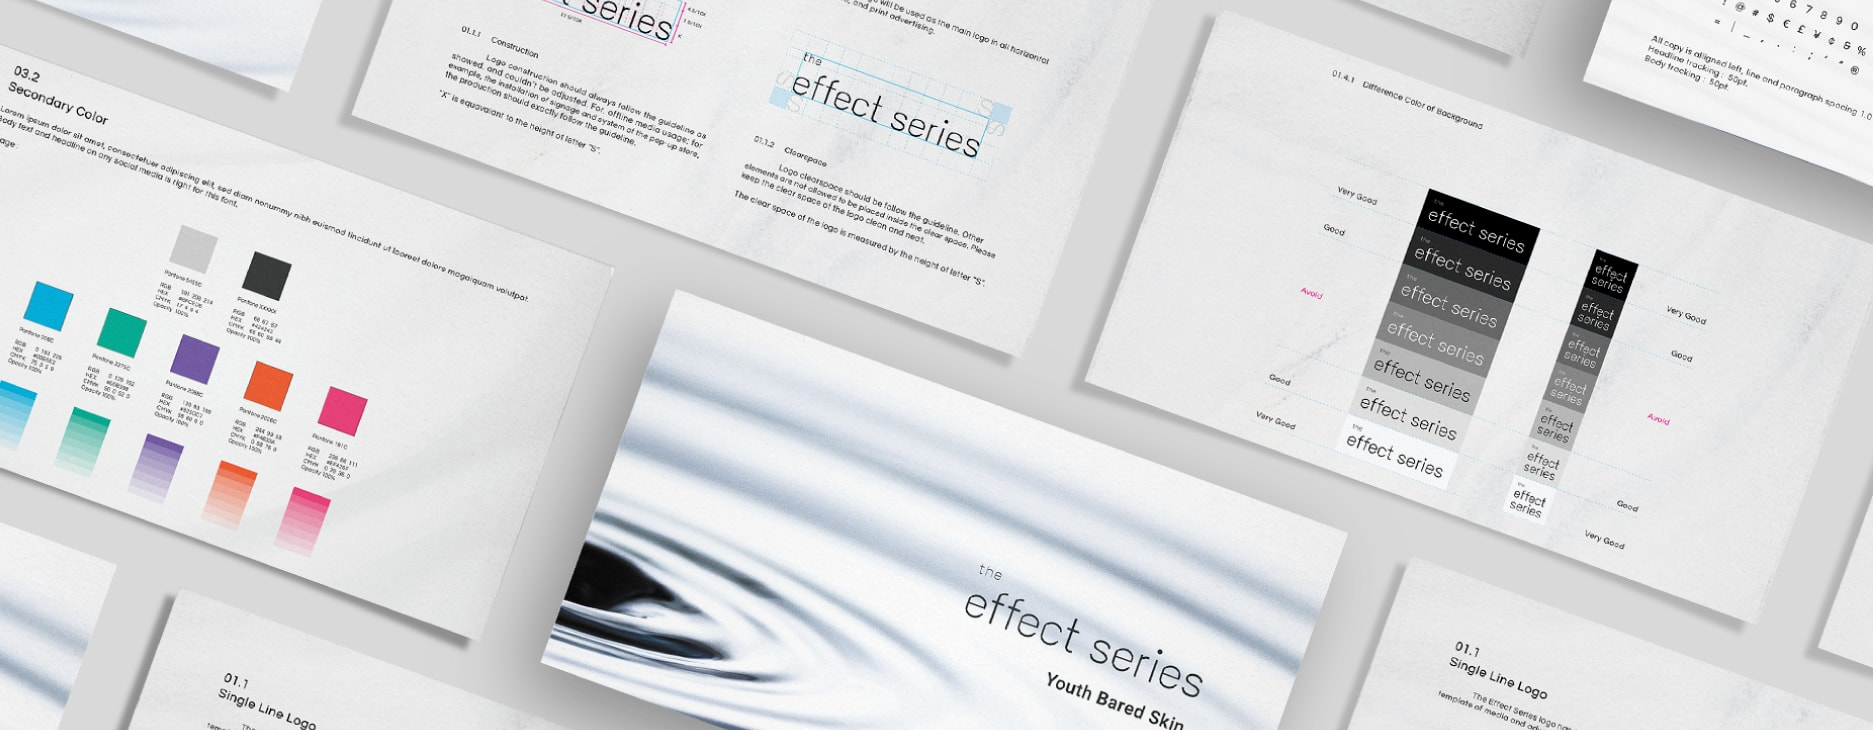 Branding Agency Sphere Agency Slide 04